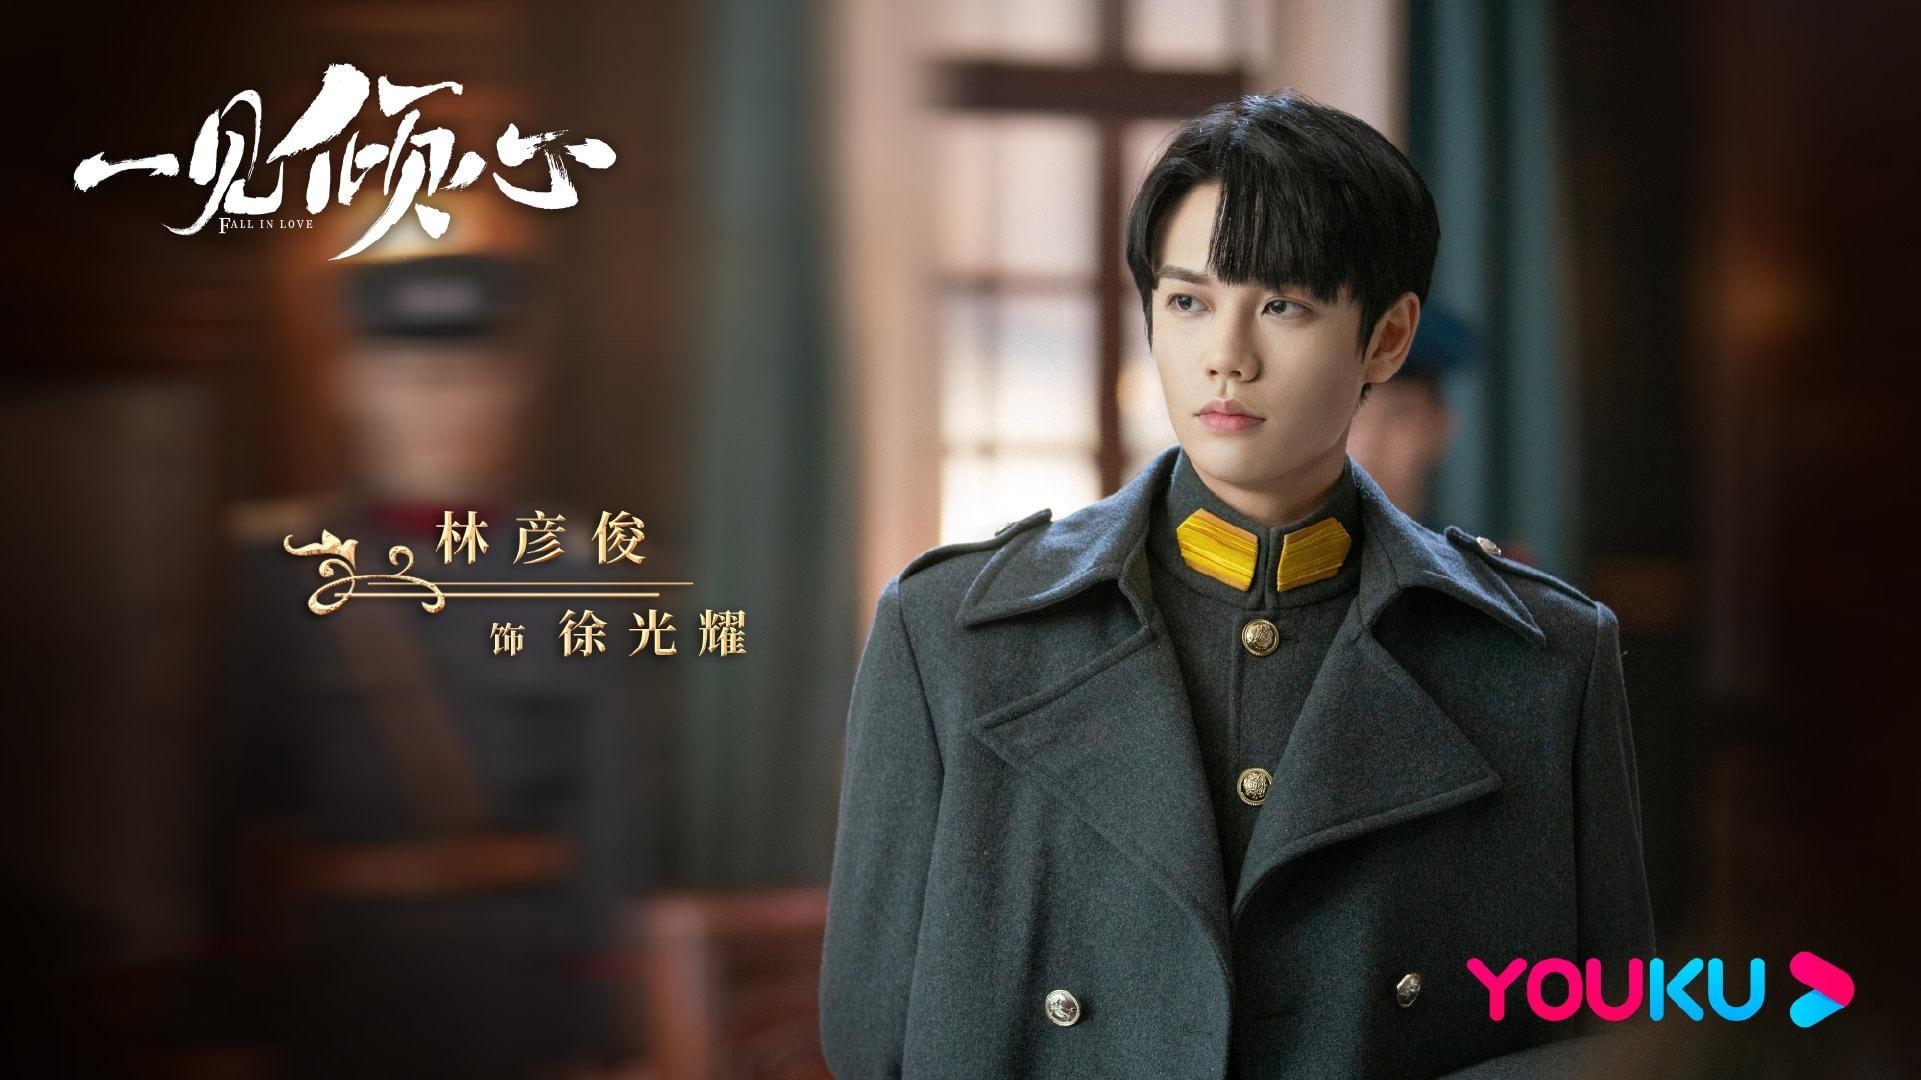 Tra nam Trần Tinh Húc siêu bảnh ở poster phim mới, cư dân mạng lại mất liêm sỉ tập thể - Ảnh 3.